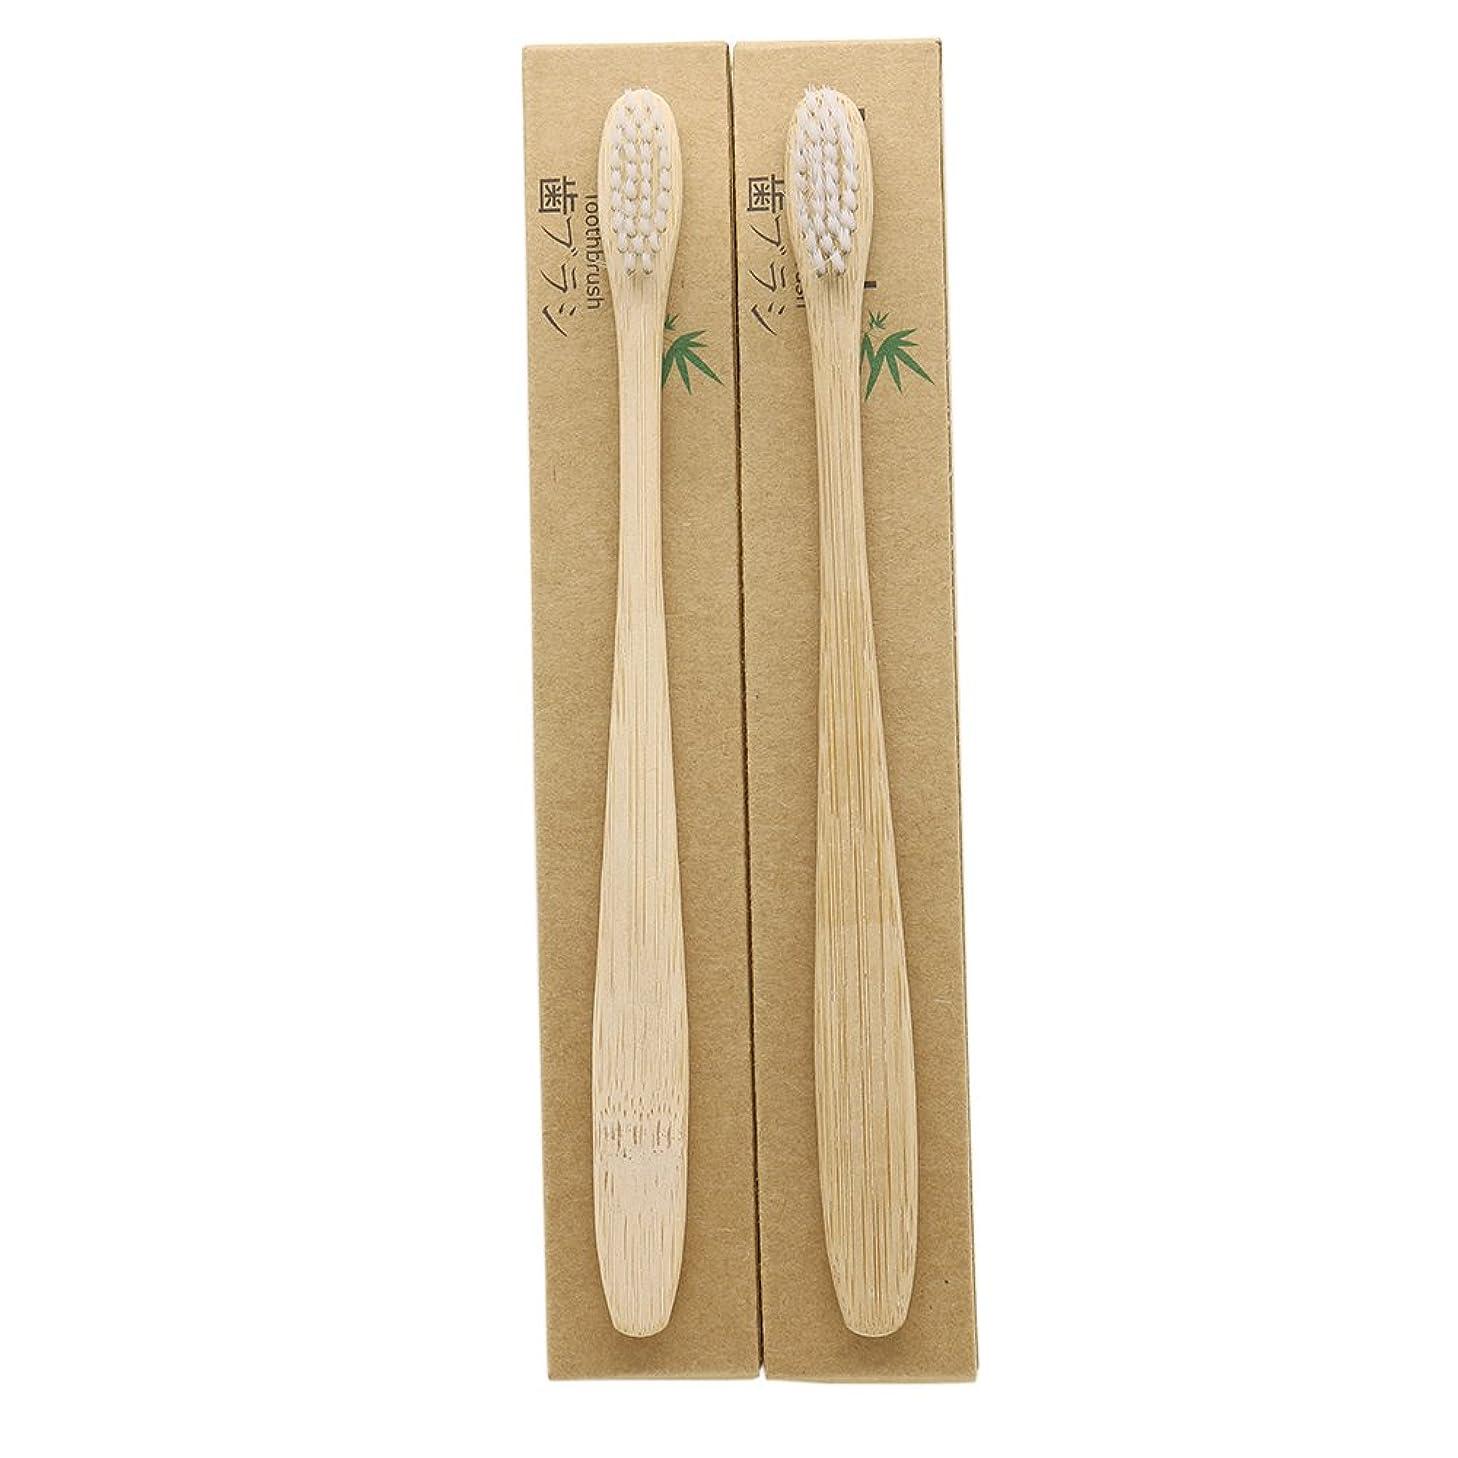 に沿ってペレグリネーション明るいN-amboo 竹製耐久度高い 歯ブラシ 2本入り セット エコ ヘッド小さい 白い